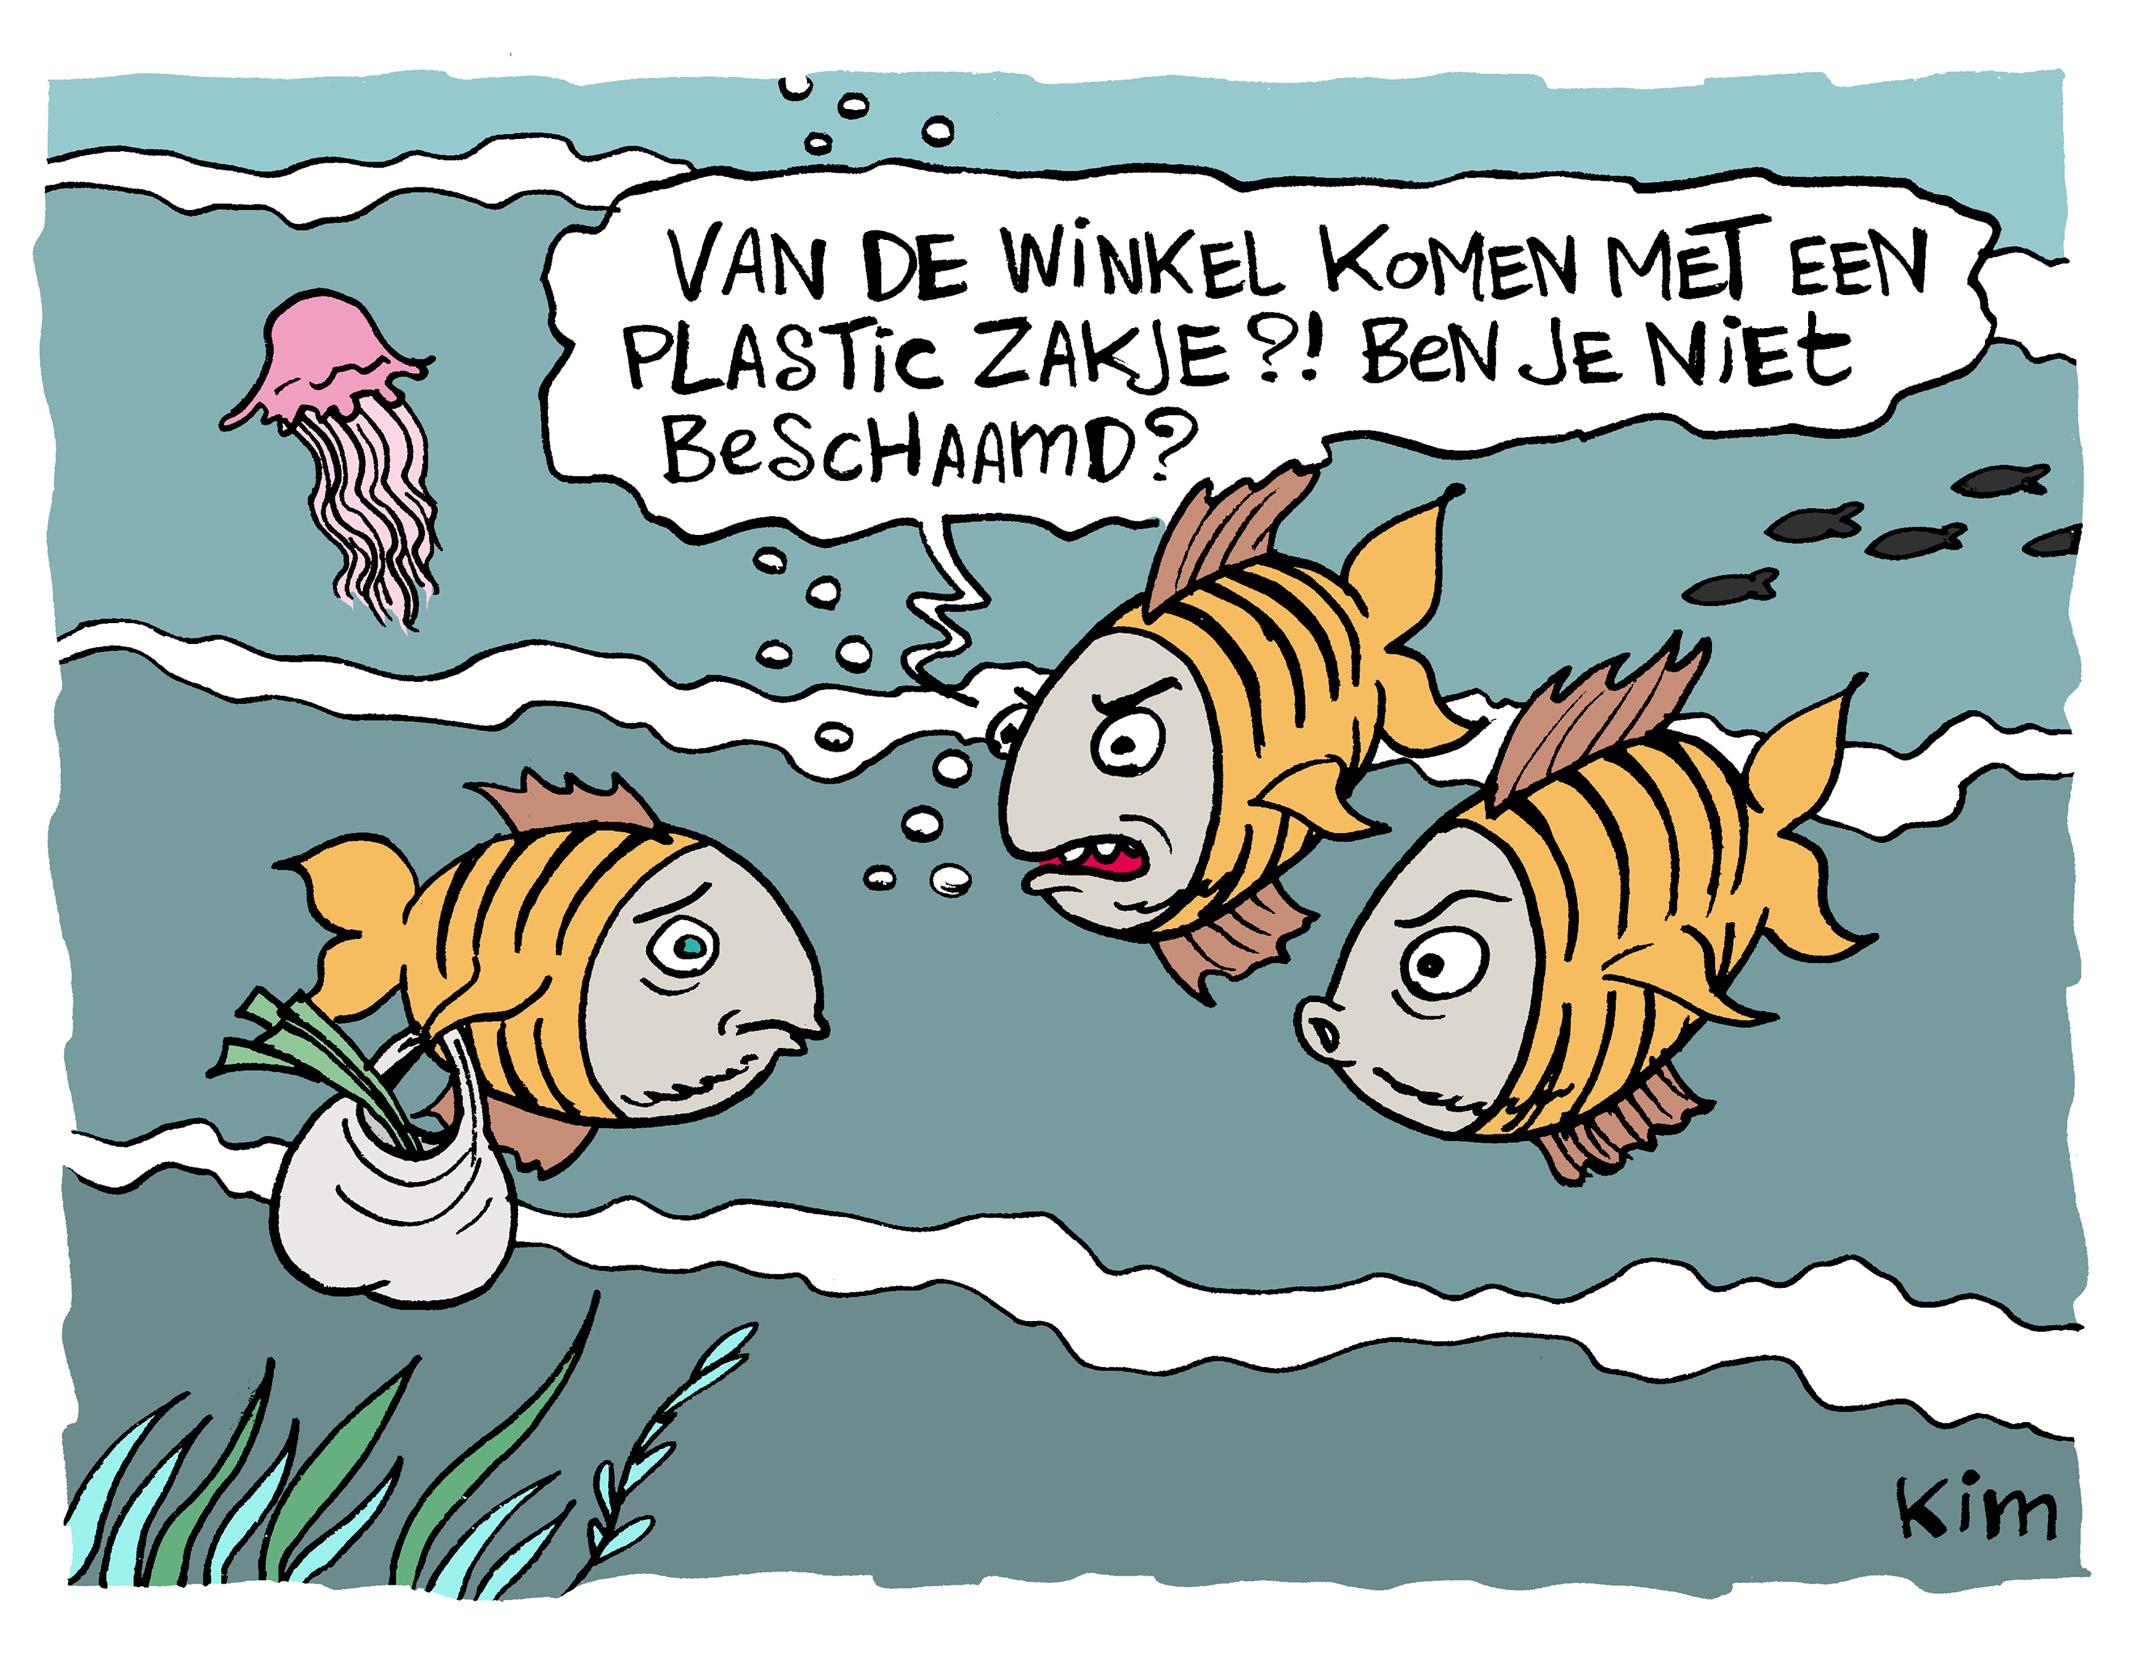 ©KIM - Plastic zakje (2019)